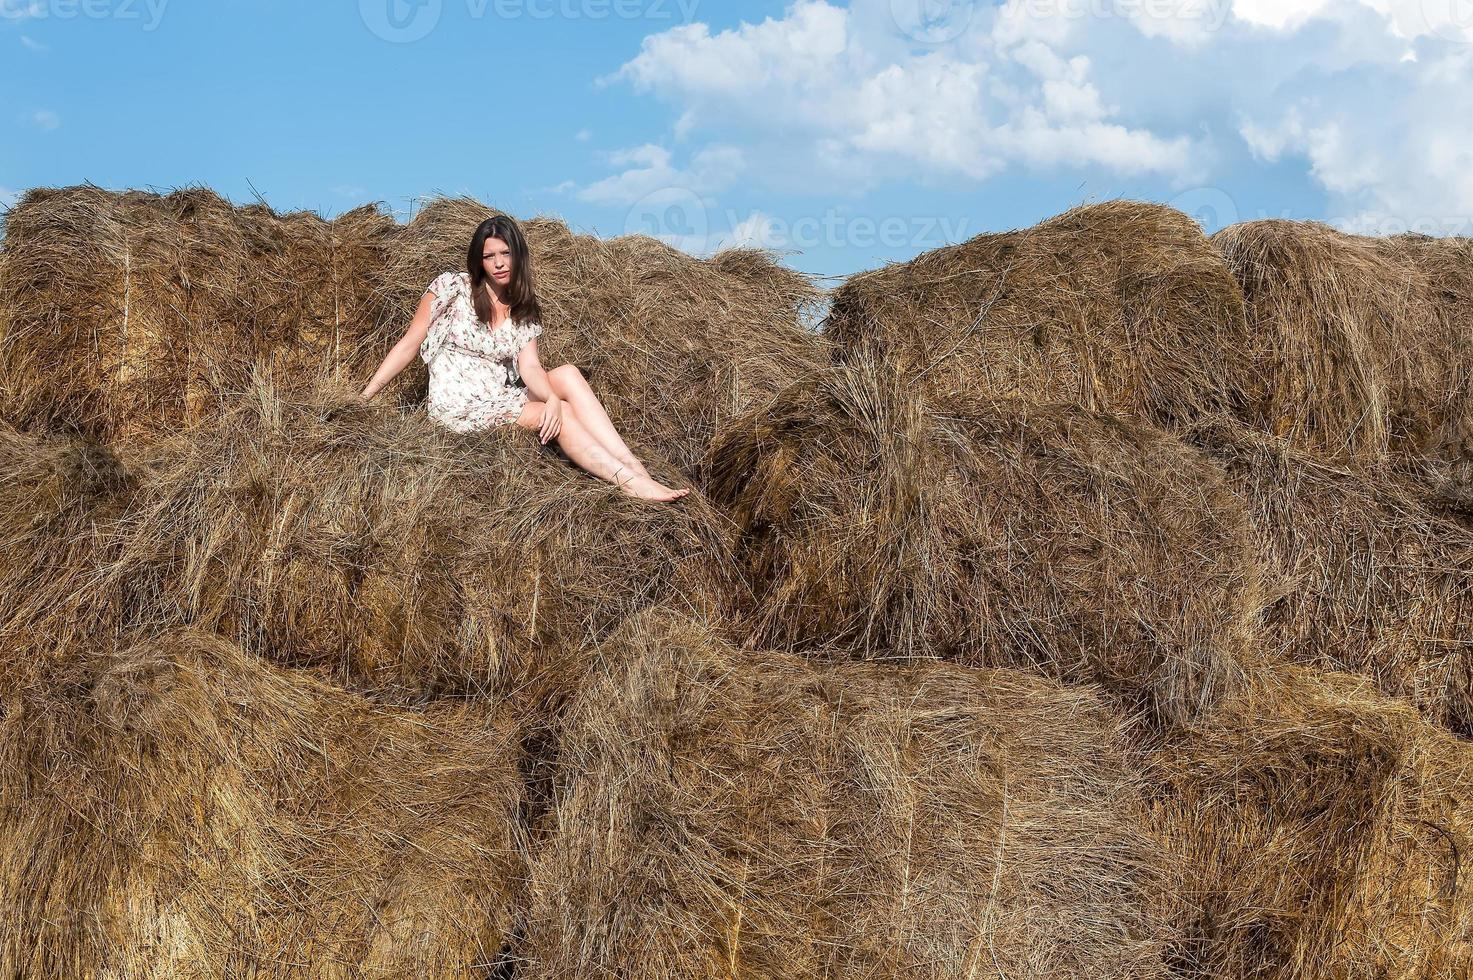 la giovane e bella donna si rilassa sul fieno foto